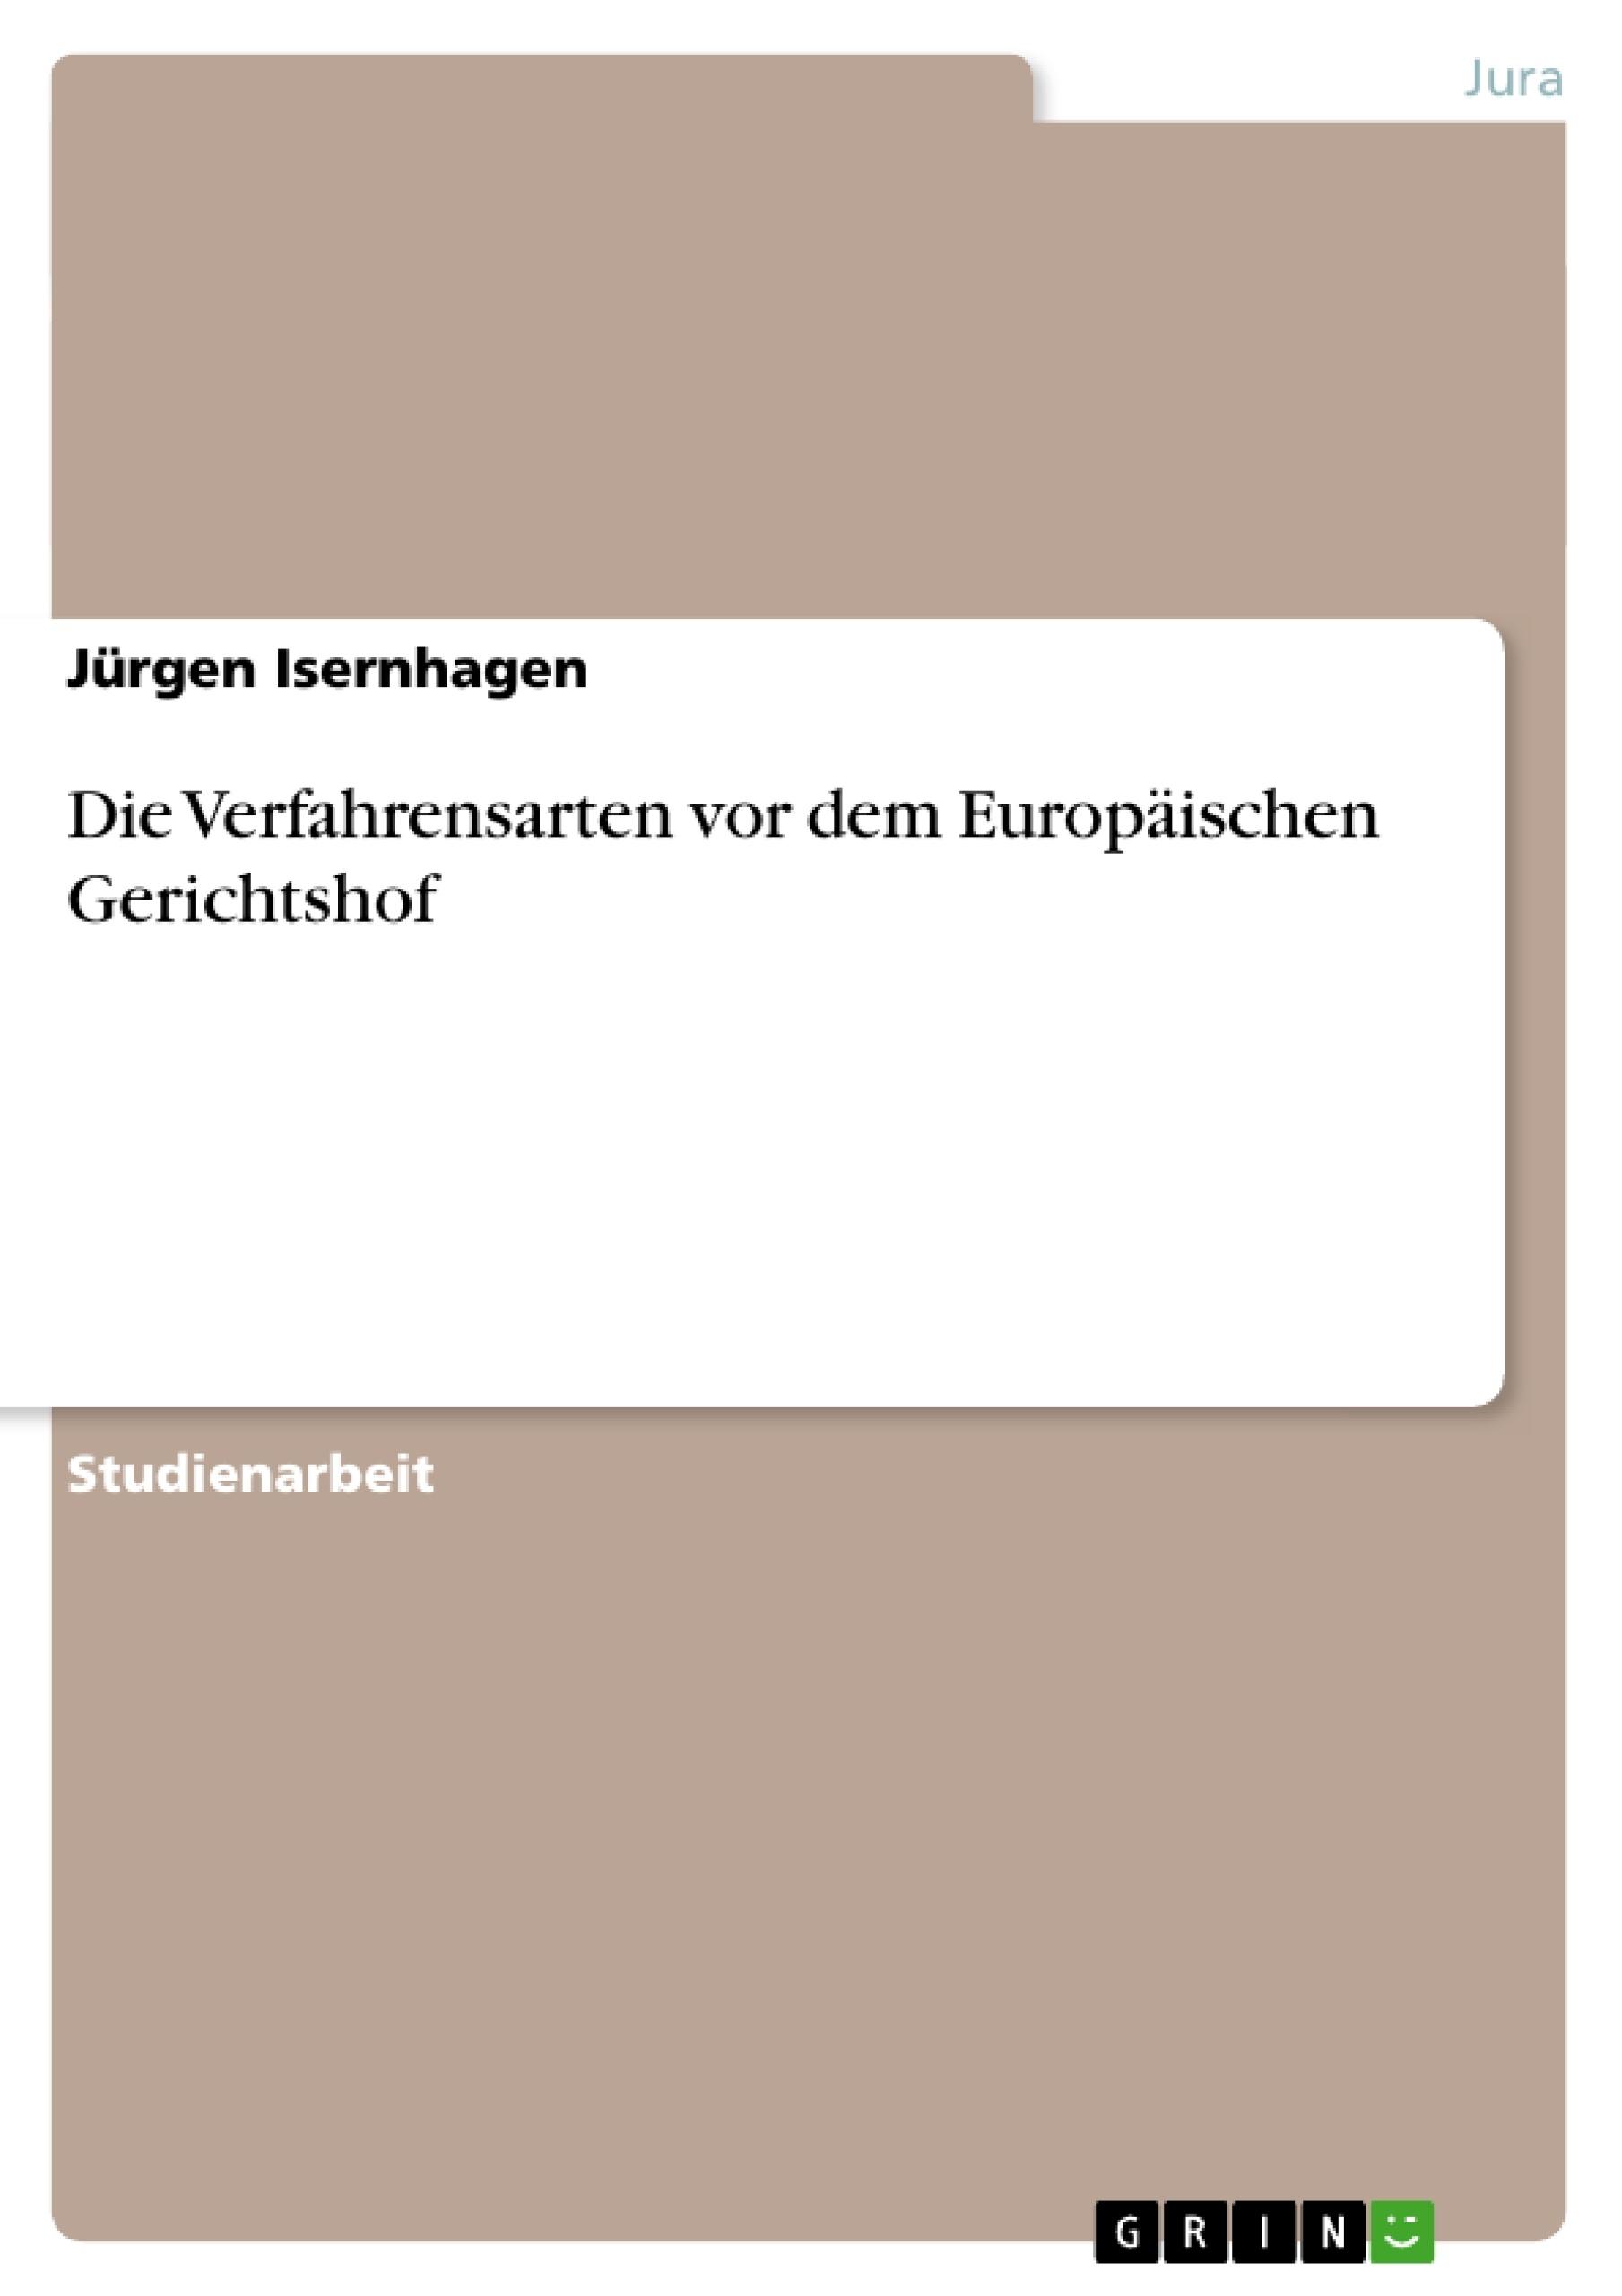 Titel: Die Verfahrensarten vor dem Europäischen Gerichtshof